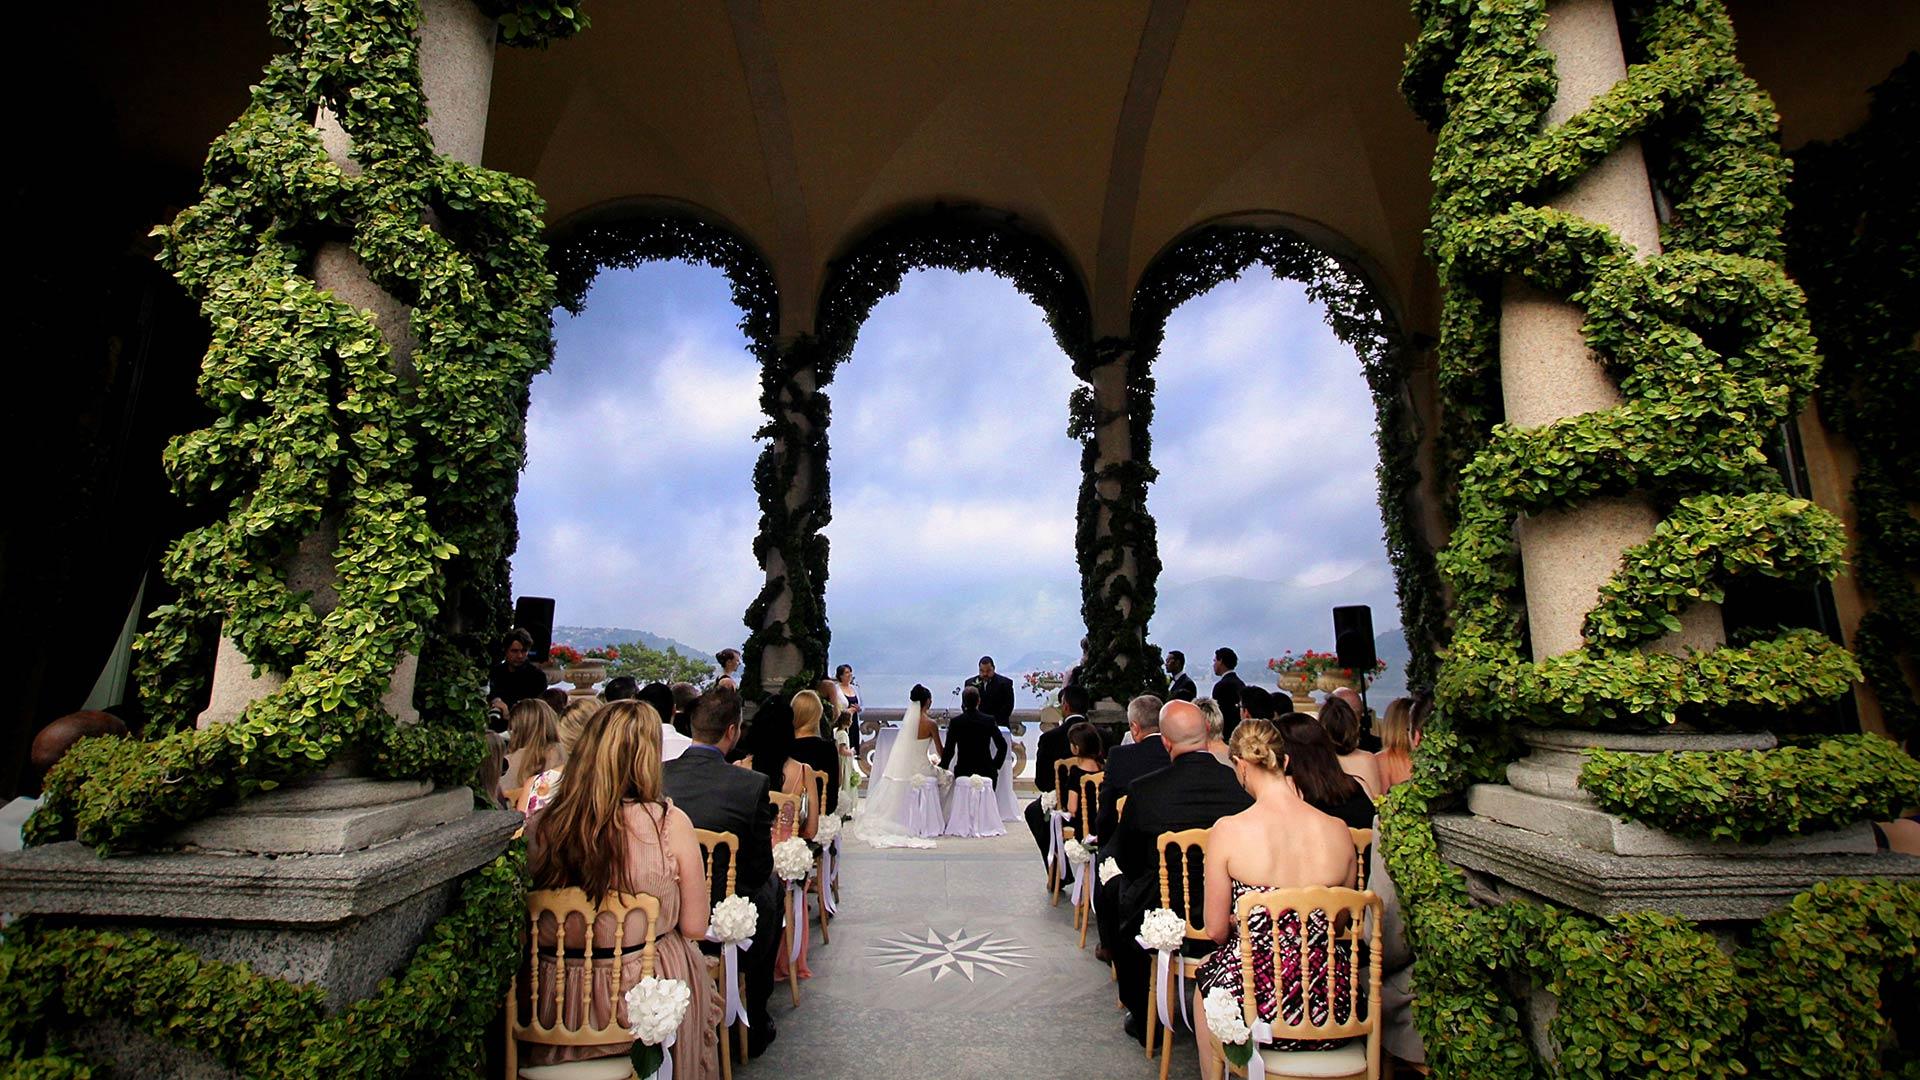 XFAJhEySYws - Организация и проведение свадьбы: на чем сэкономить?